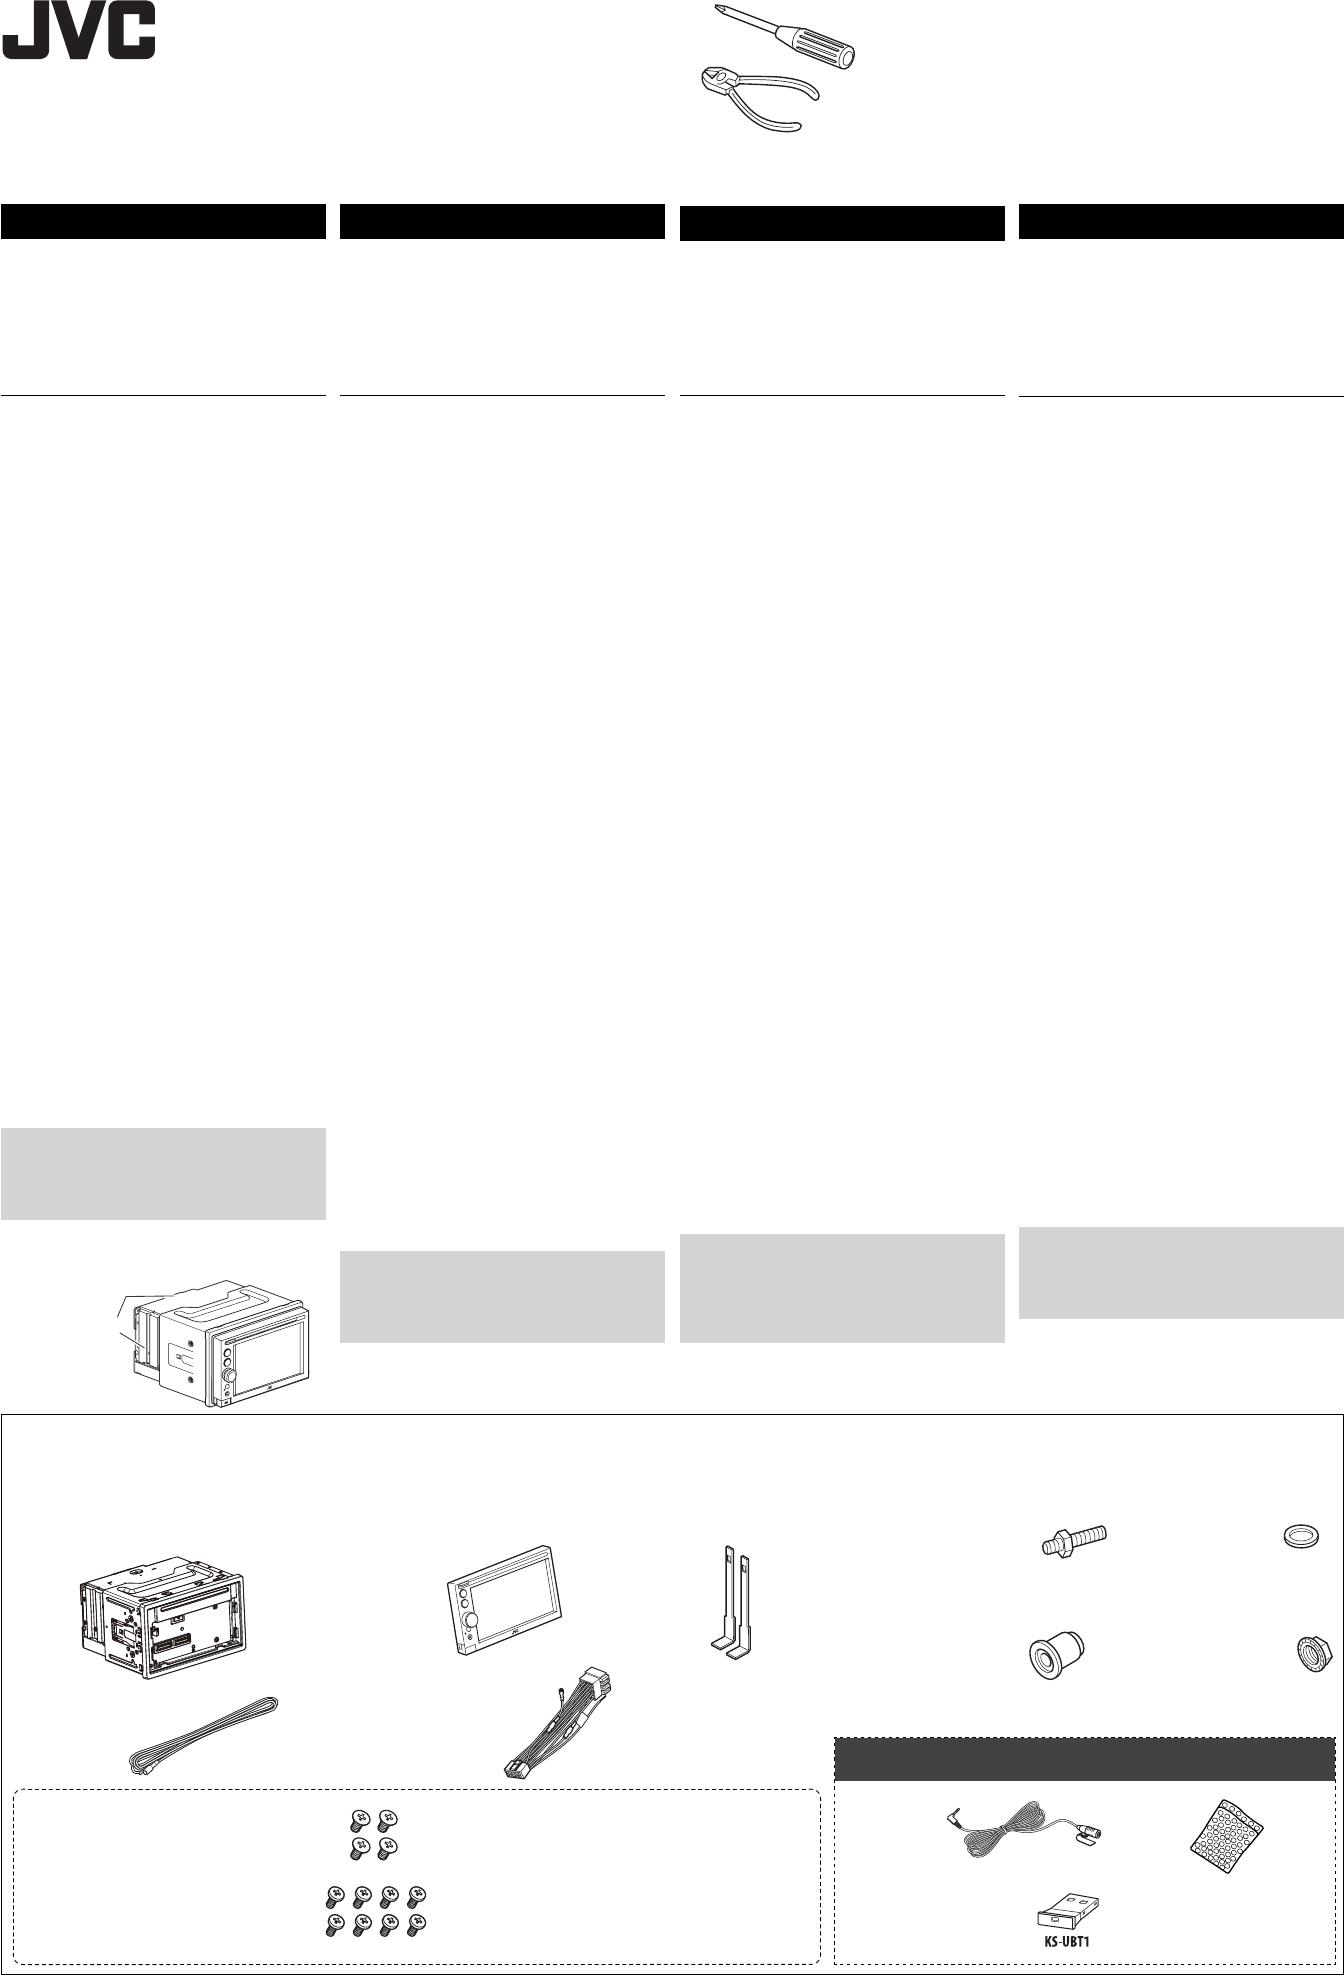 bedienungsanleitung jvc kw av61bt seite 1 von 6 deutsch. Black Bedroom Furniture Sets. Home Design Ideas